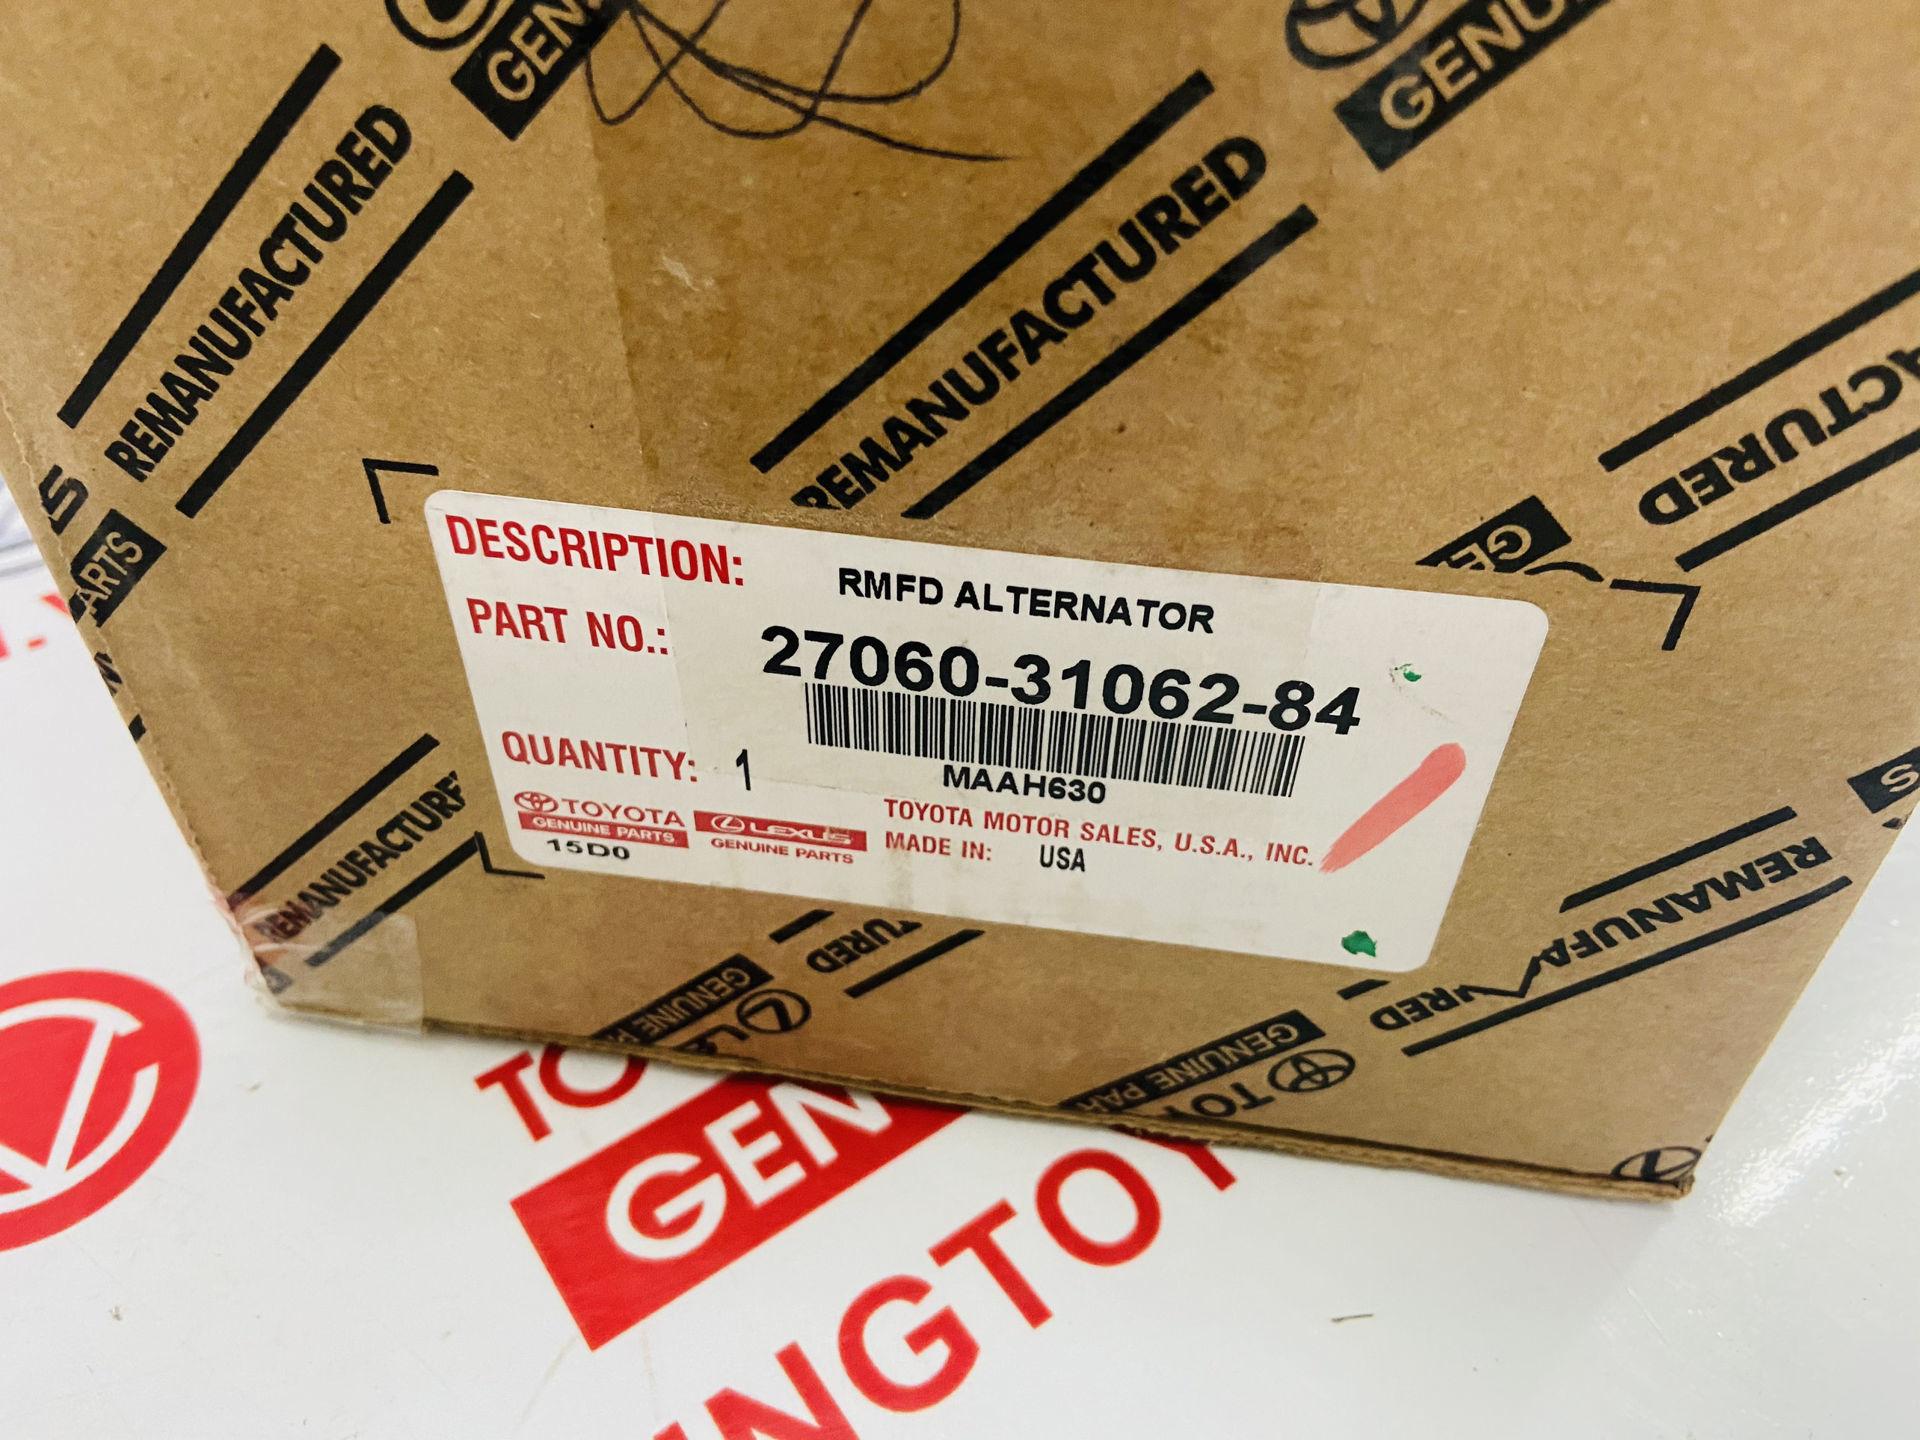 Picture of 27060-31062-84, 270603106284 Máy phát Lexus GS300 GS350 IS250 IS350 chính hãng